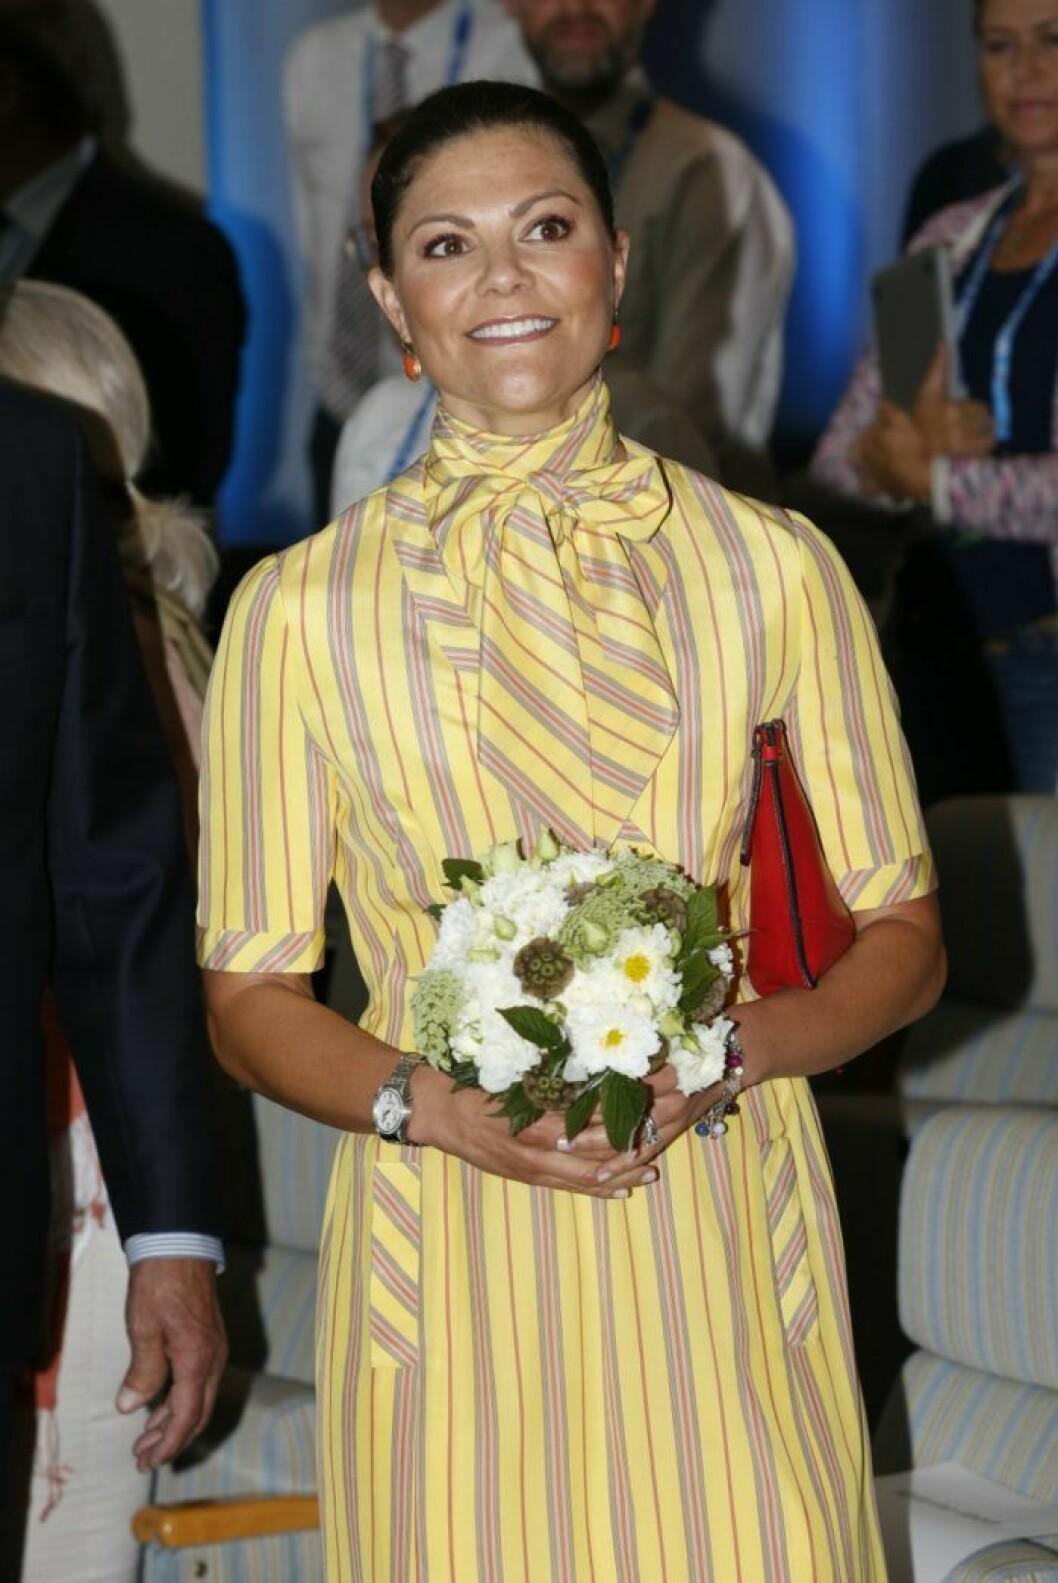 Kronprinsessan Victoria i drottning Silvias klänning.